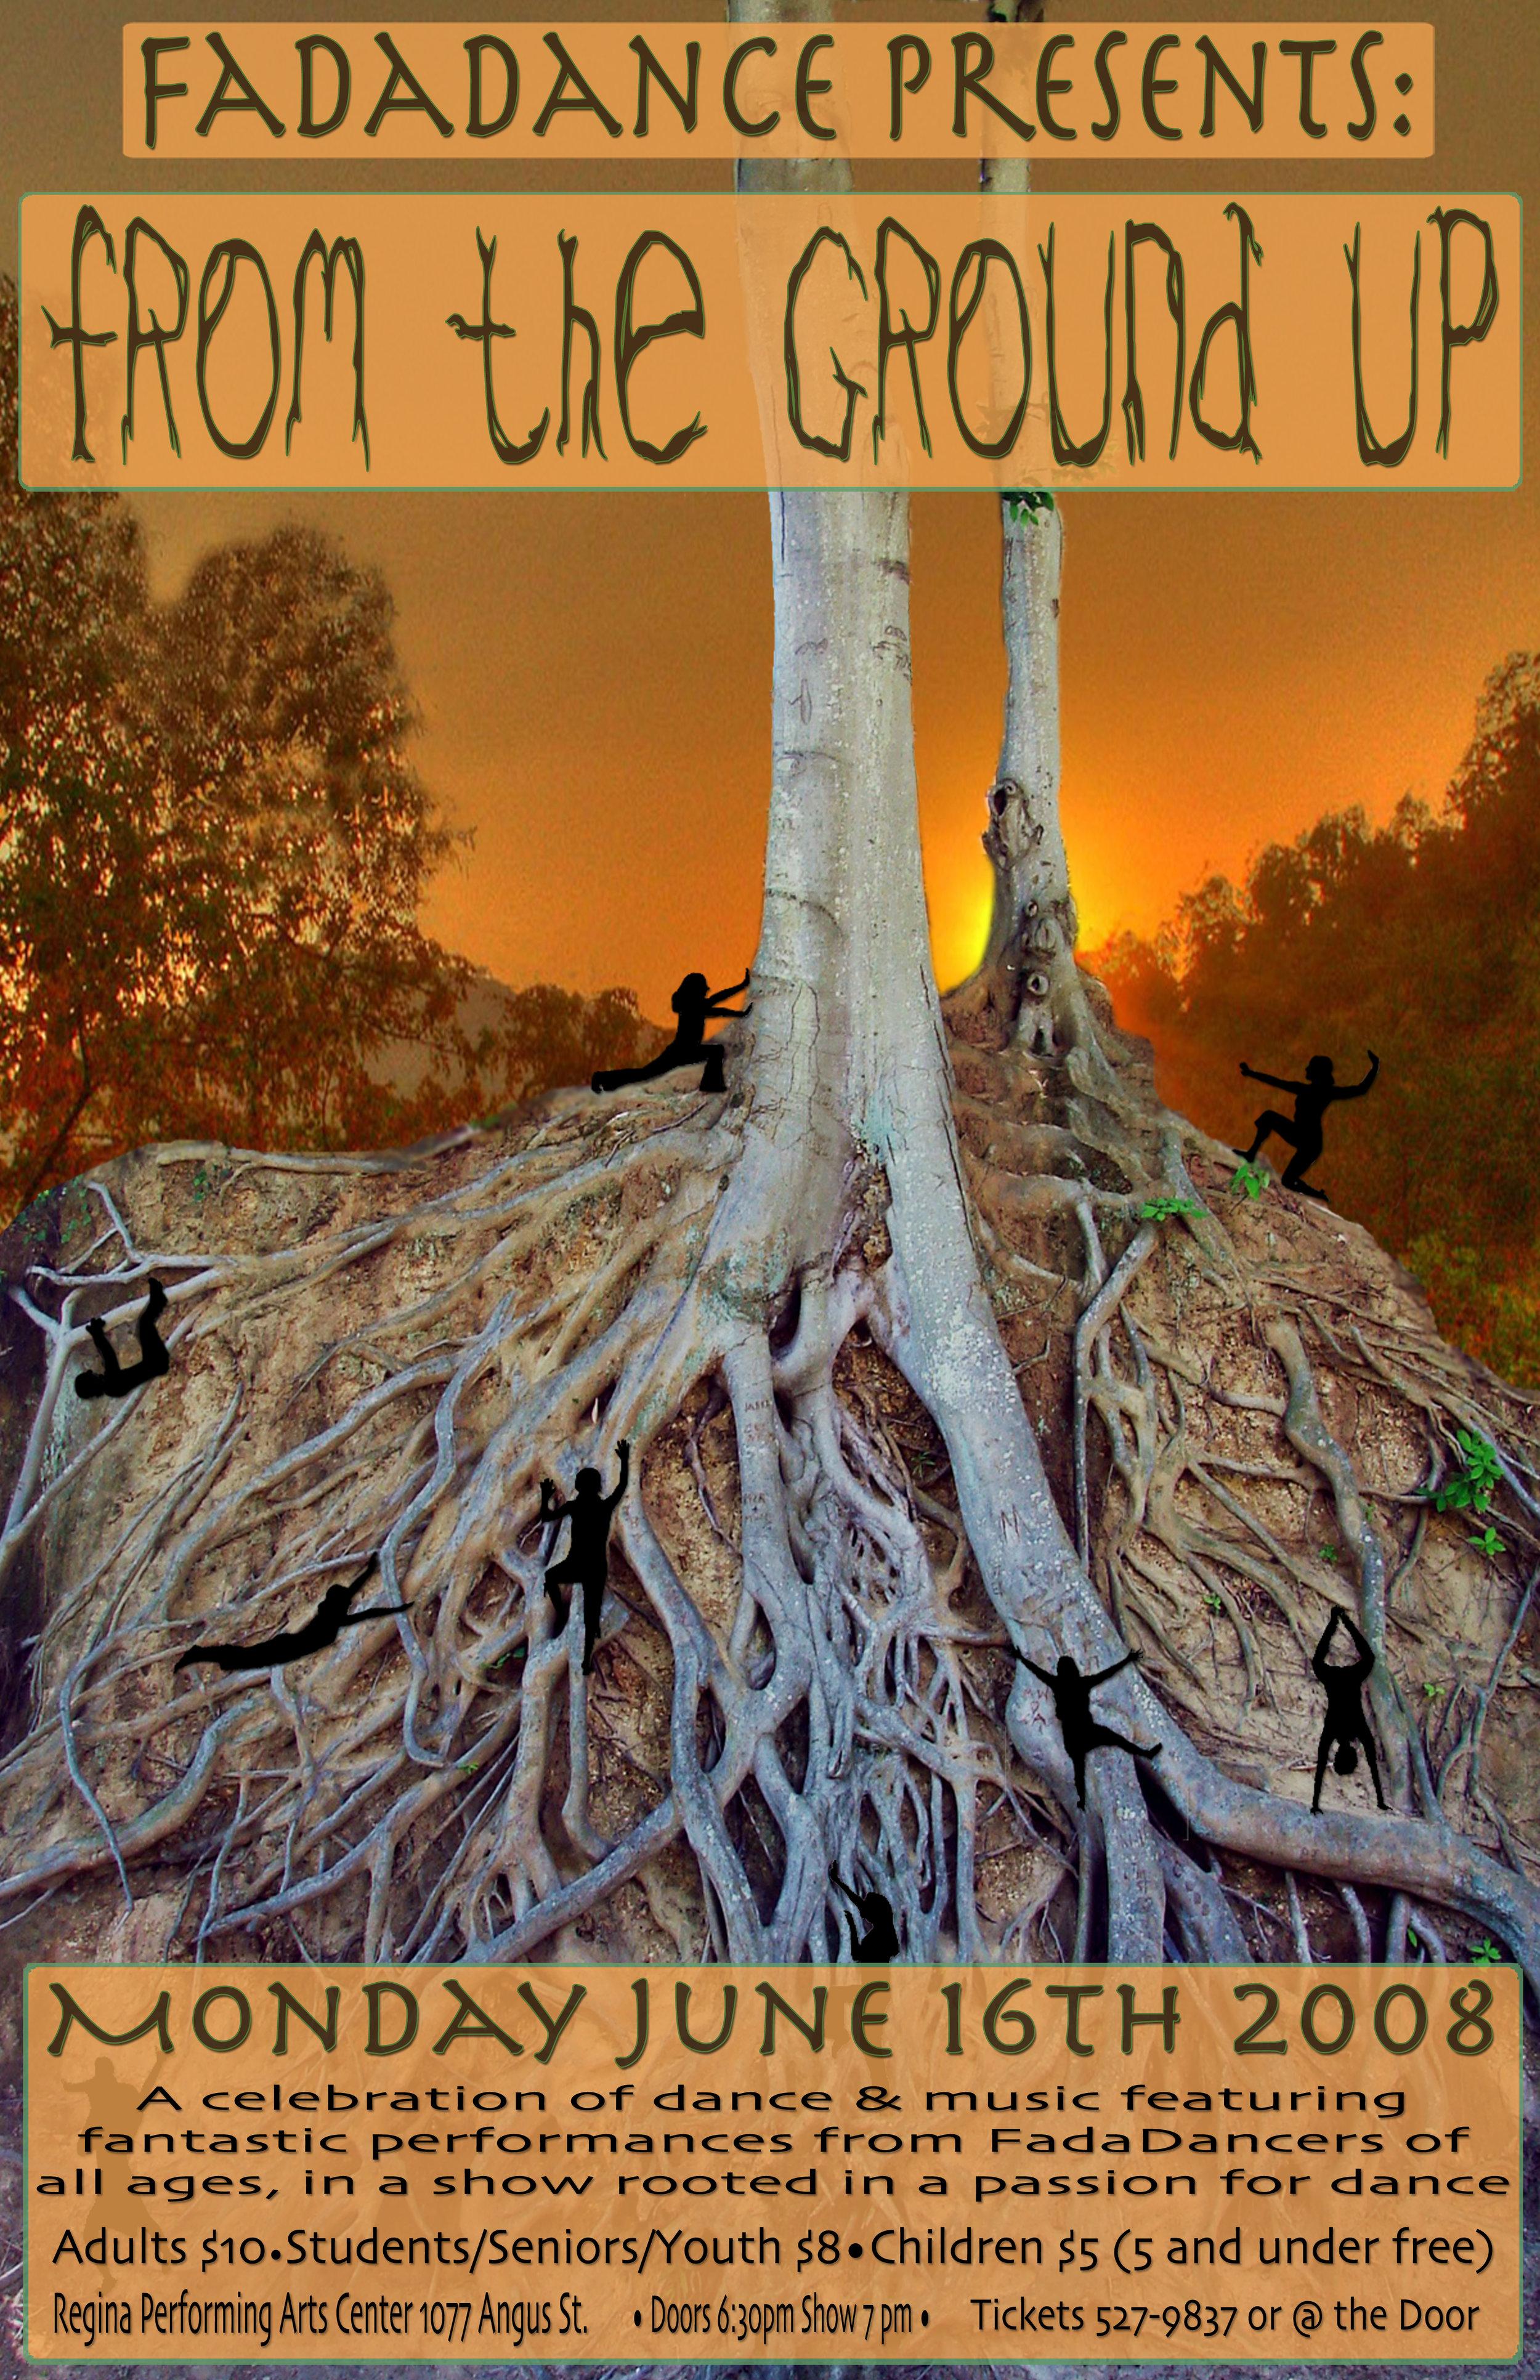 From The Ground Up from the ground up — fadadance studio